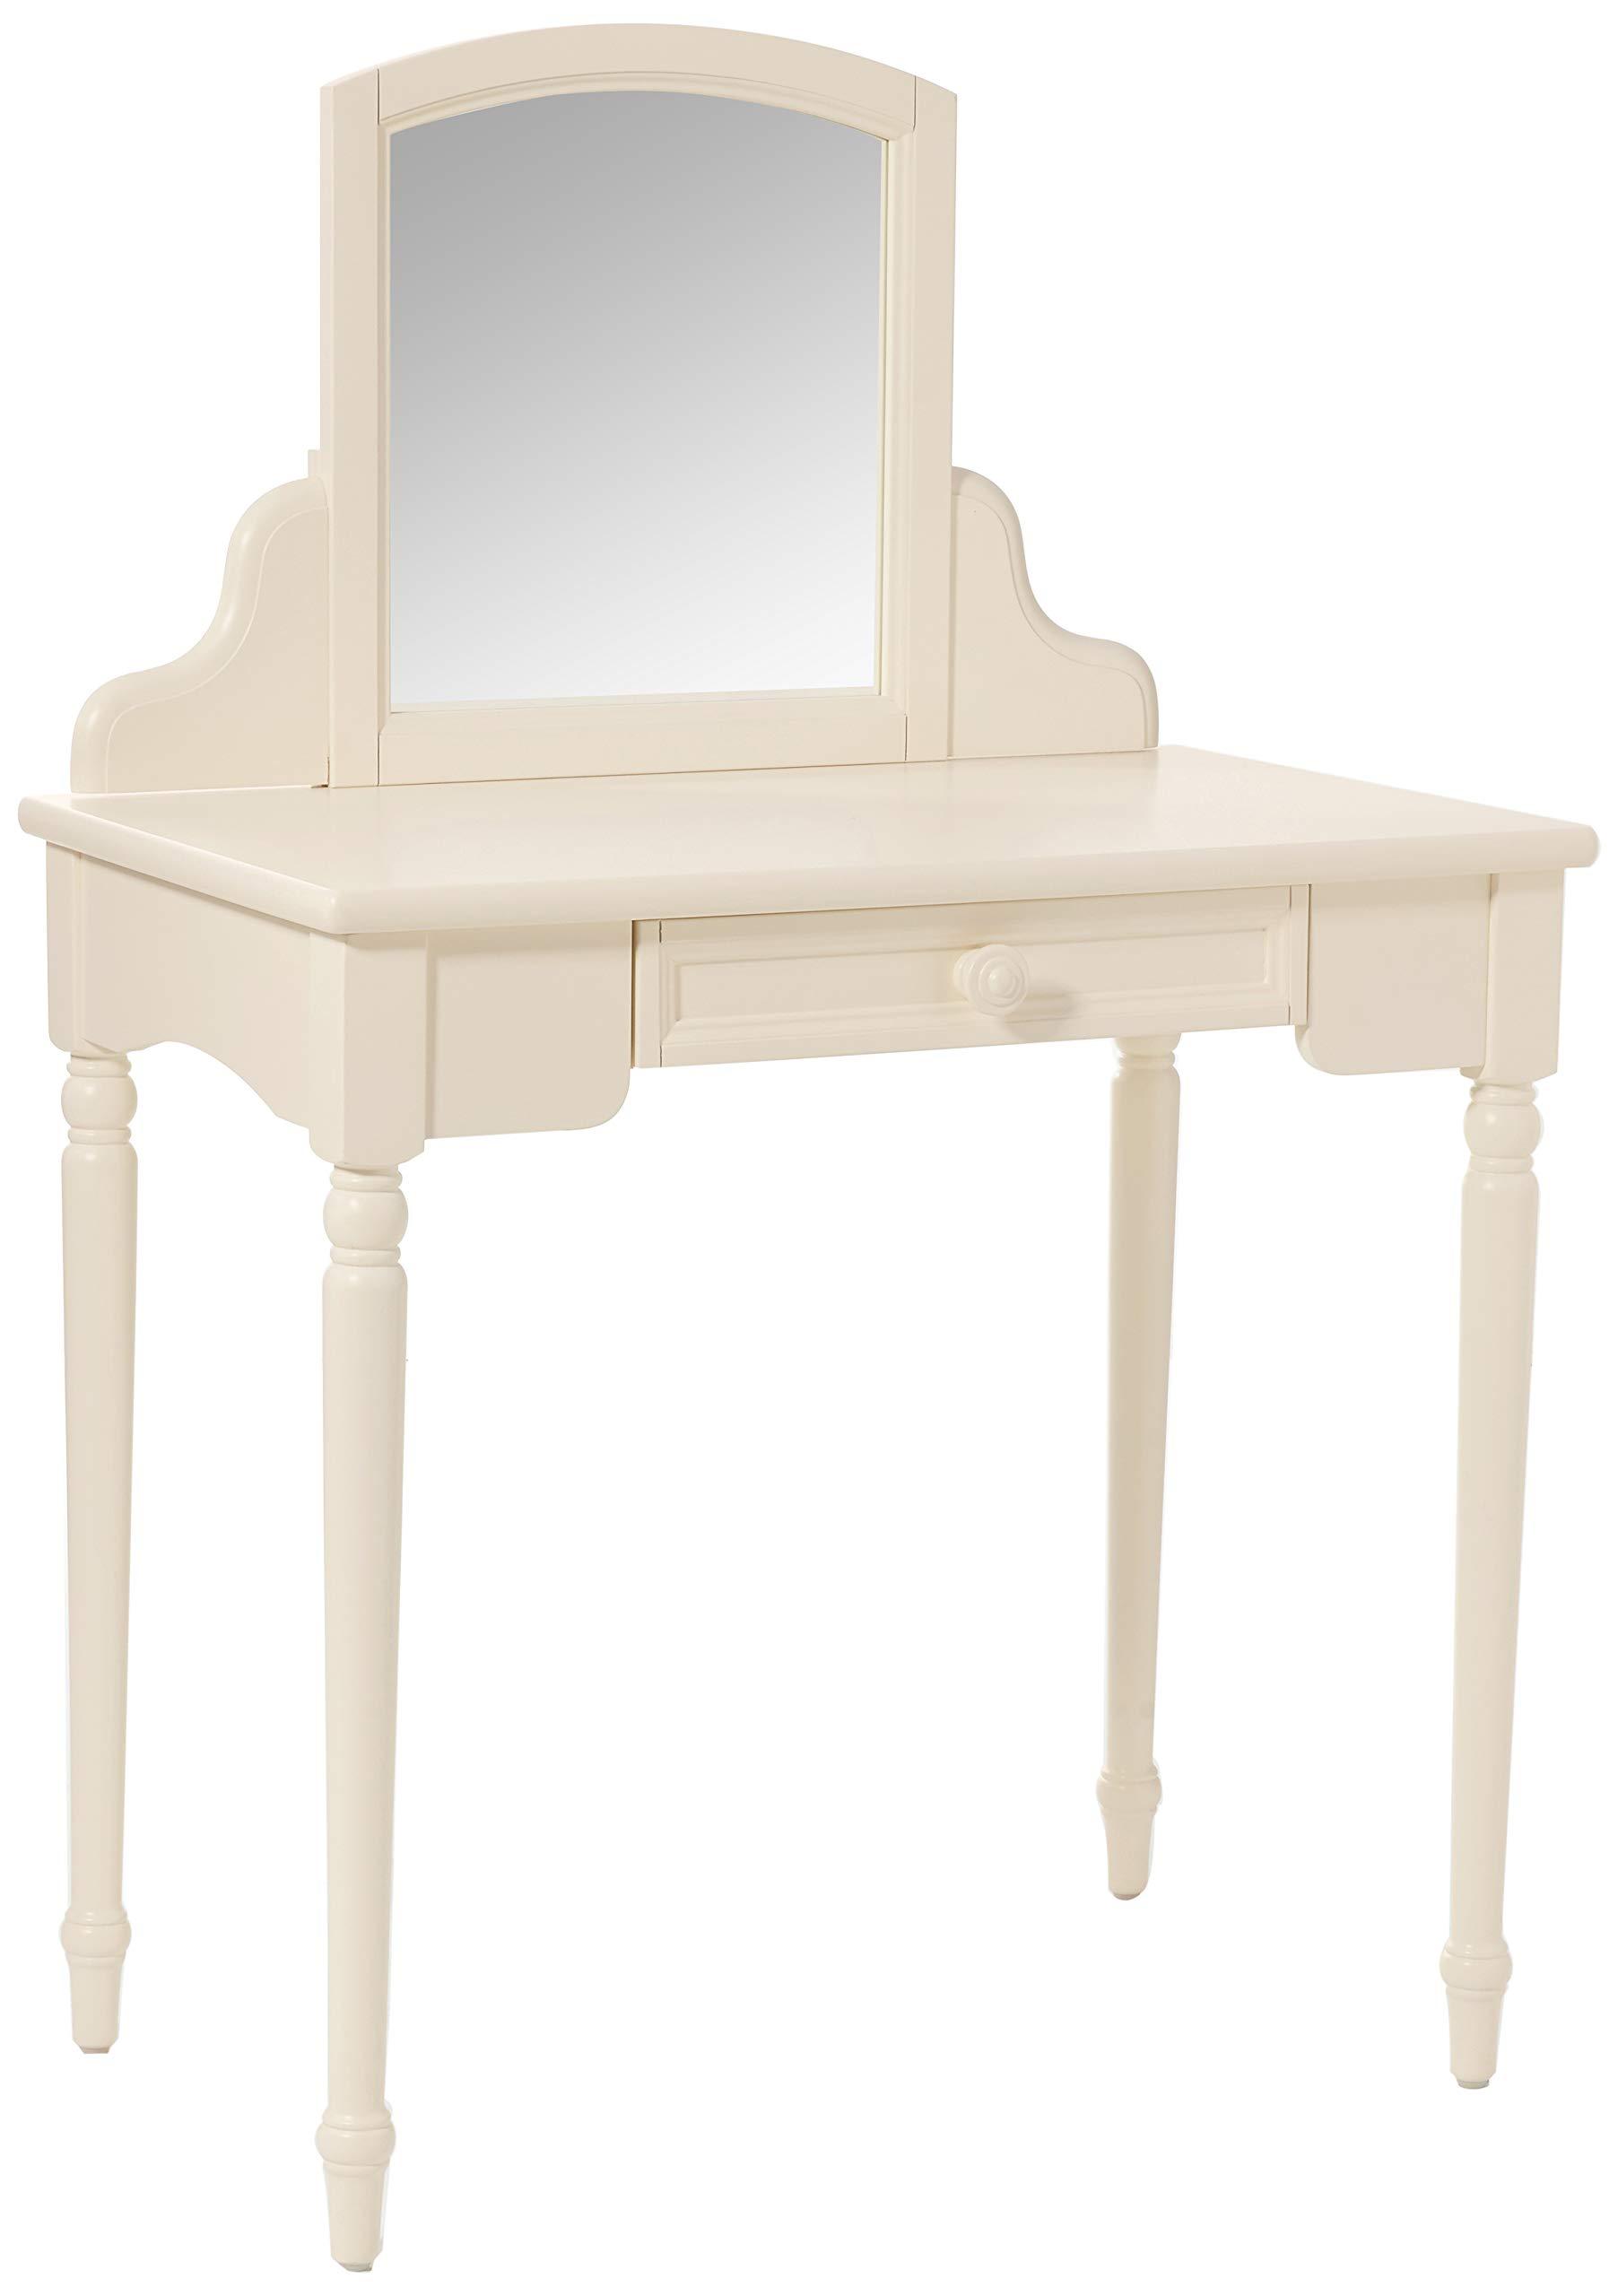 Carriage House Children Vanity Table with Mirror Storage Vintage White Children/'s Furniture KTFR-14865-01 Childrens Furniture